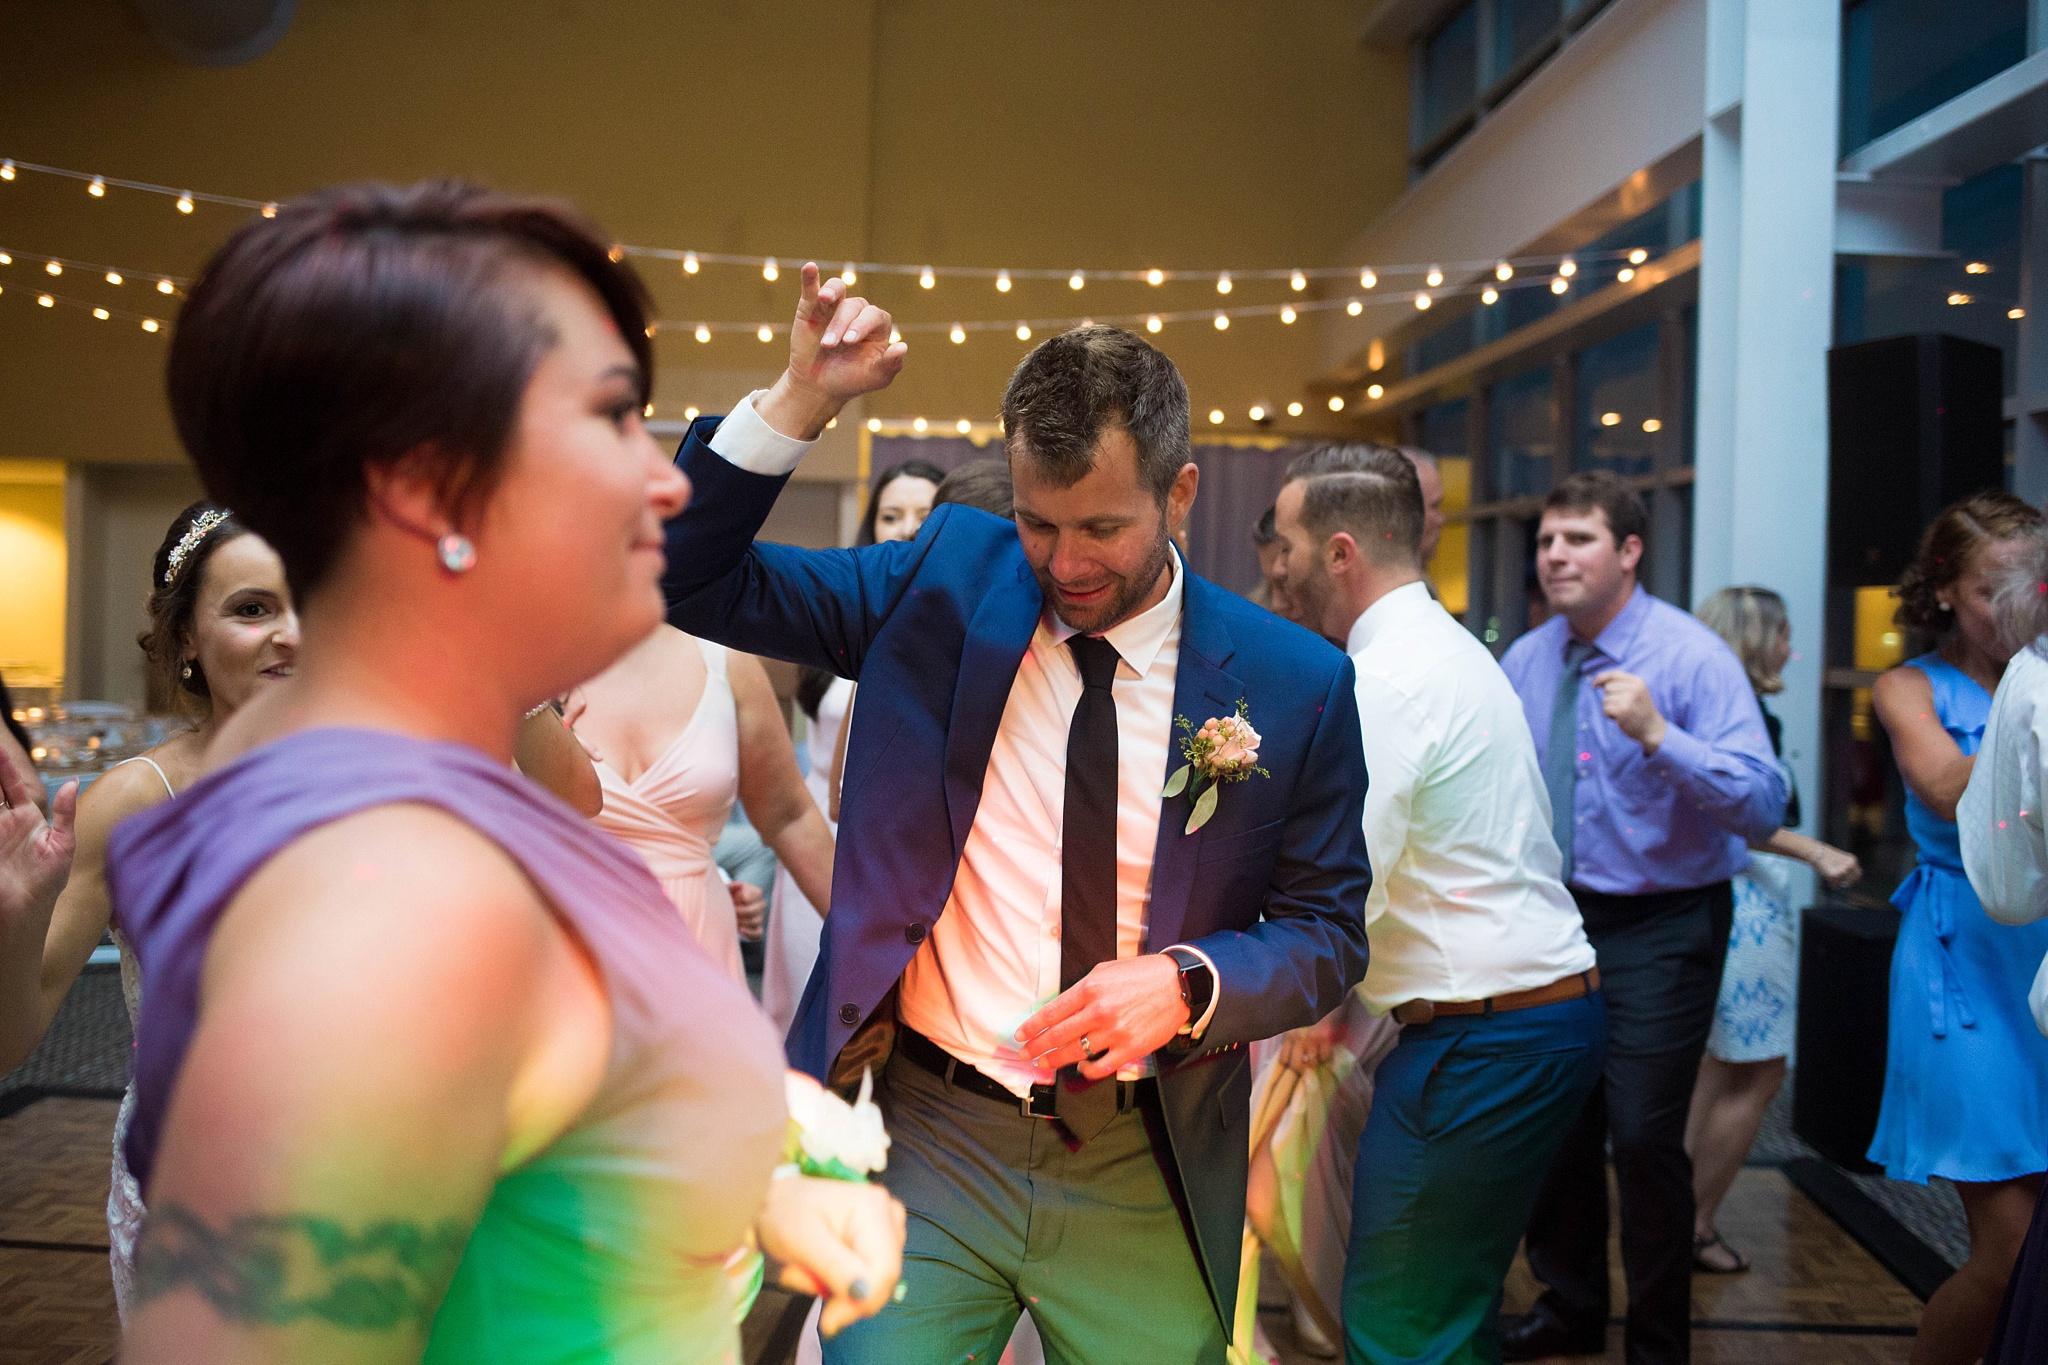 Portland wedding reception